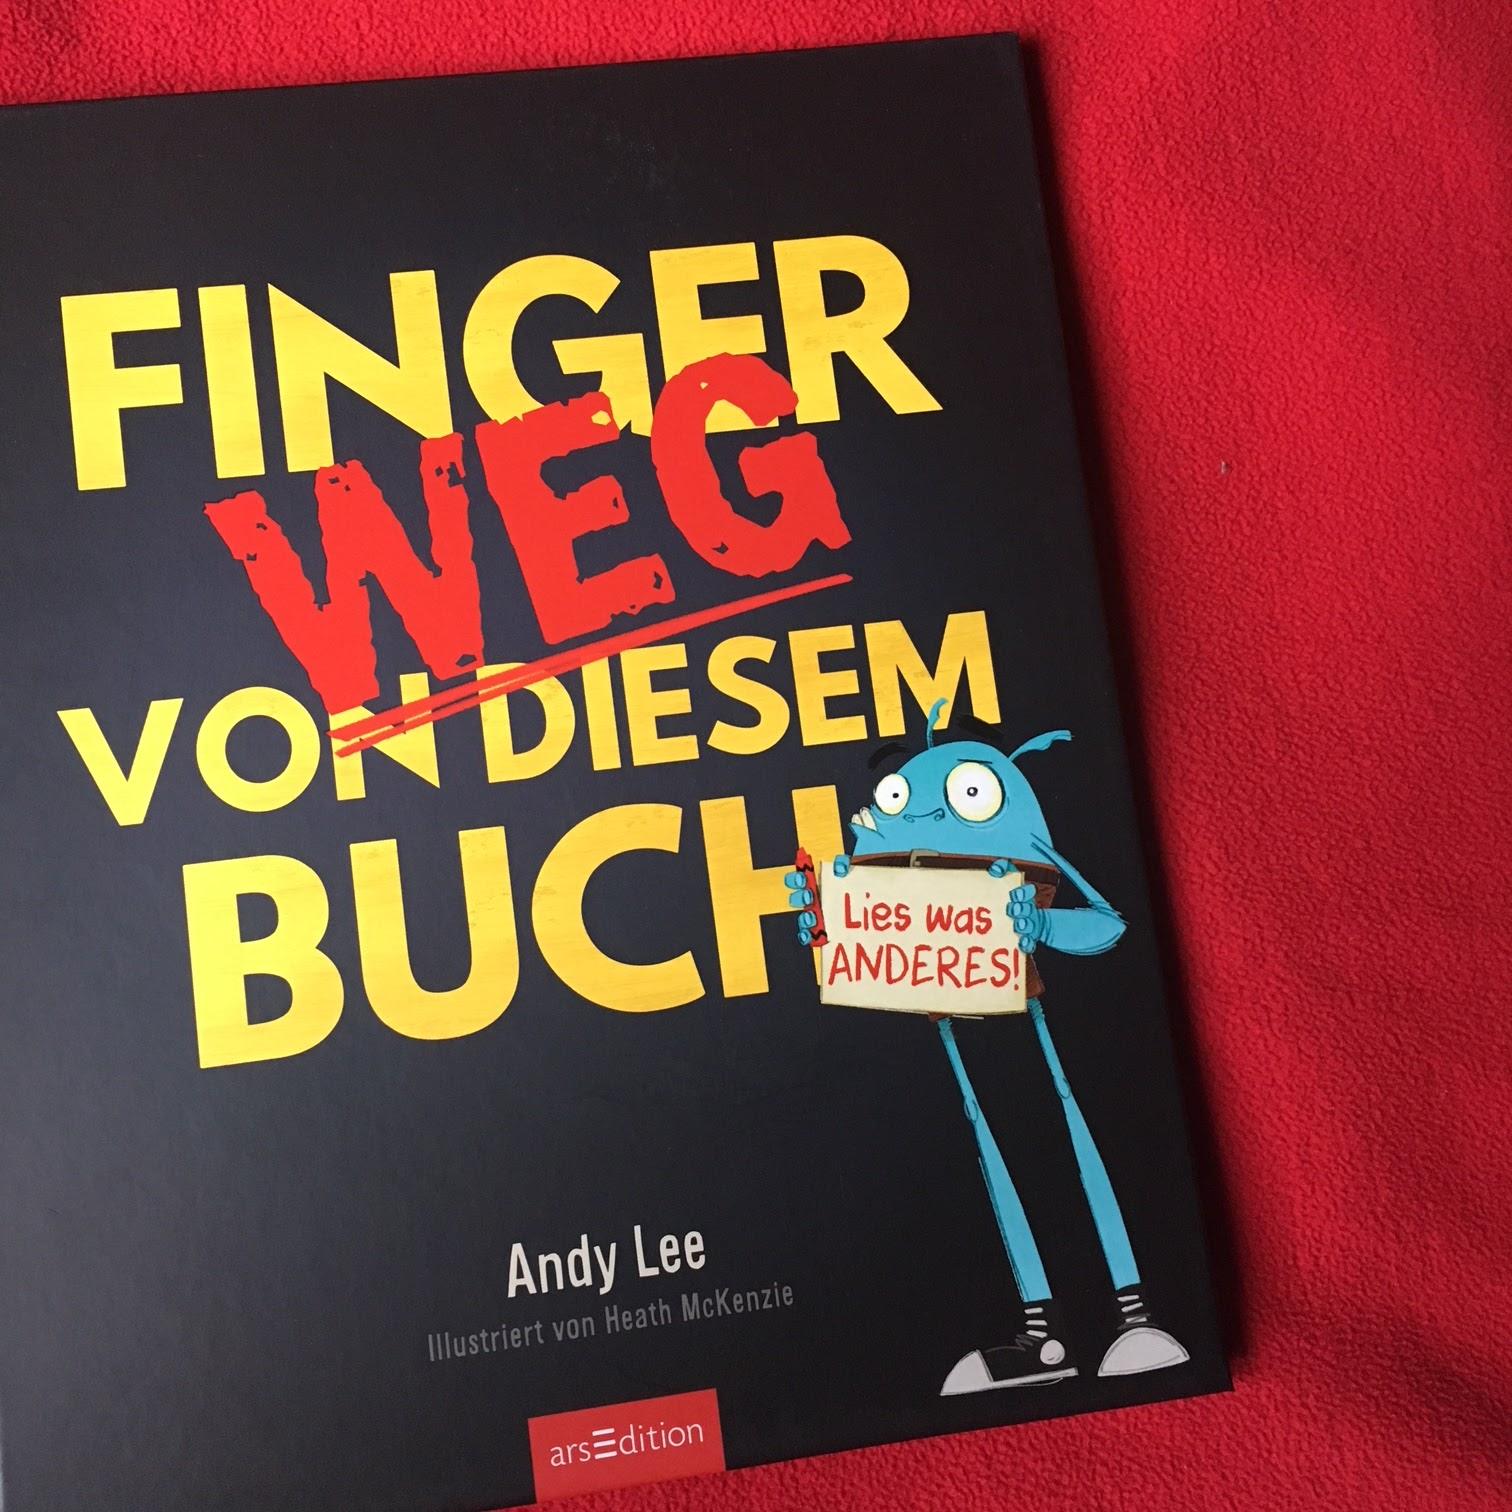 Familienbücherei: Bilderbuchwoche Tag 3: Finger weg von diesem Buch!